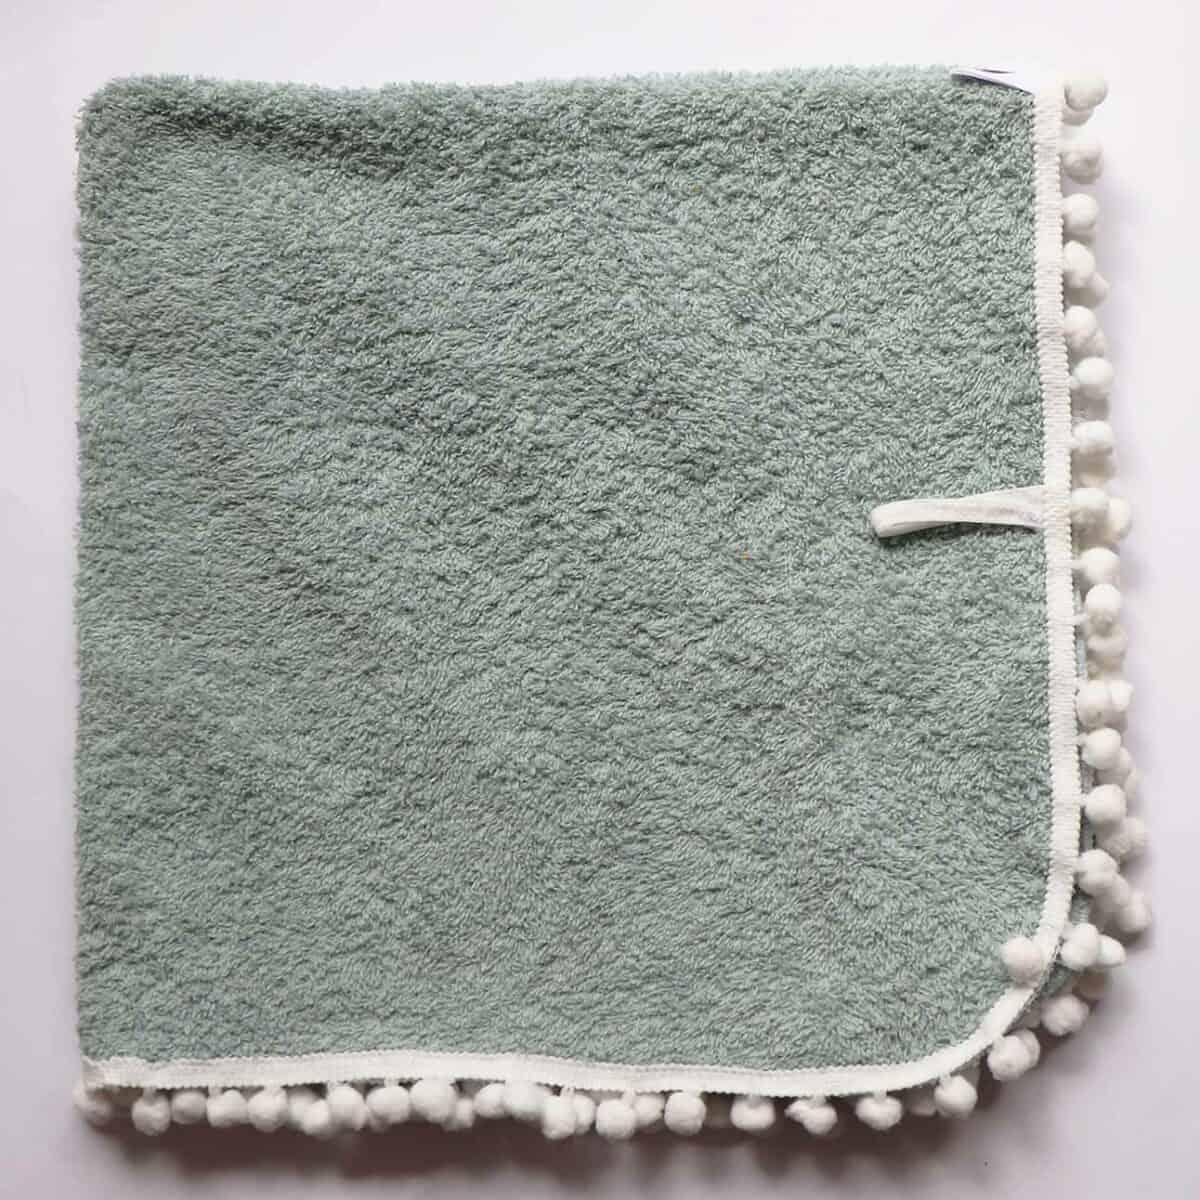 Swaddles van badstof met pompon randje in groen voor baby